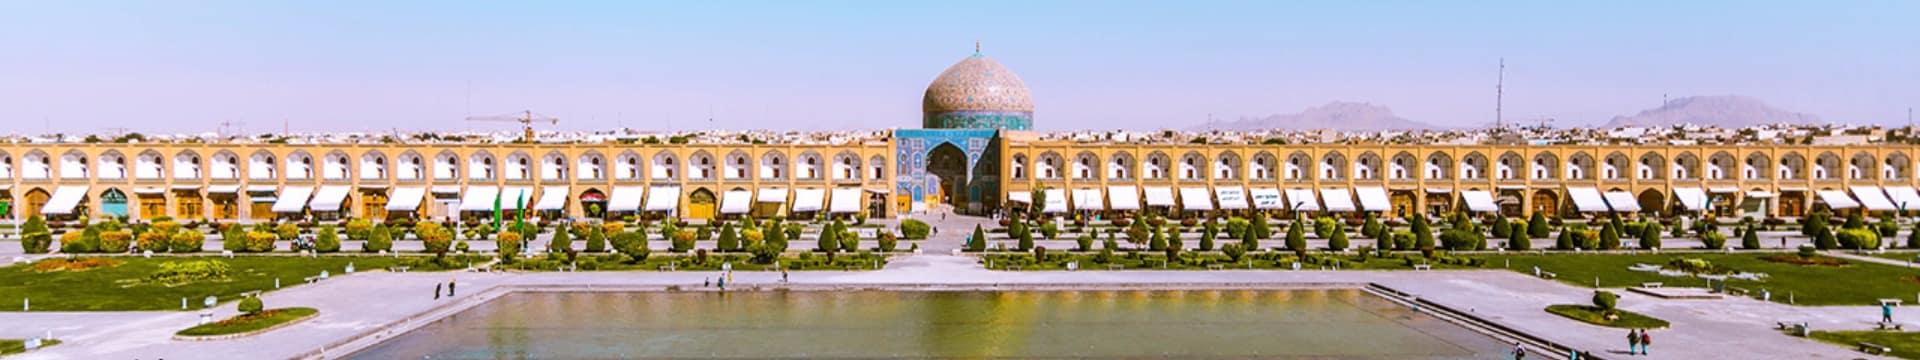 Praça de Naqsh-e Jahan em Isfahan - Irã.